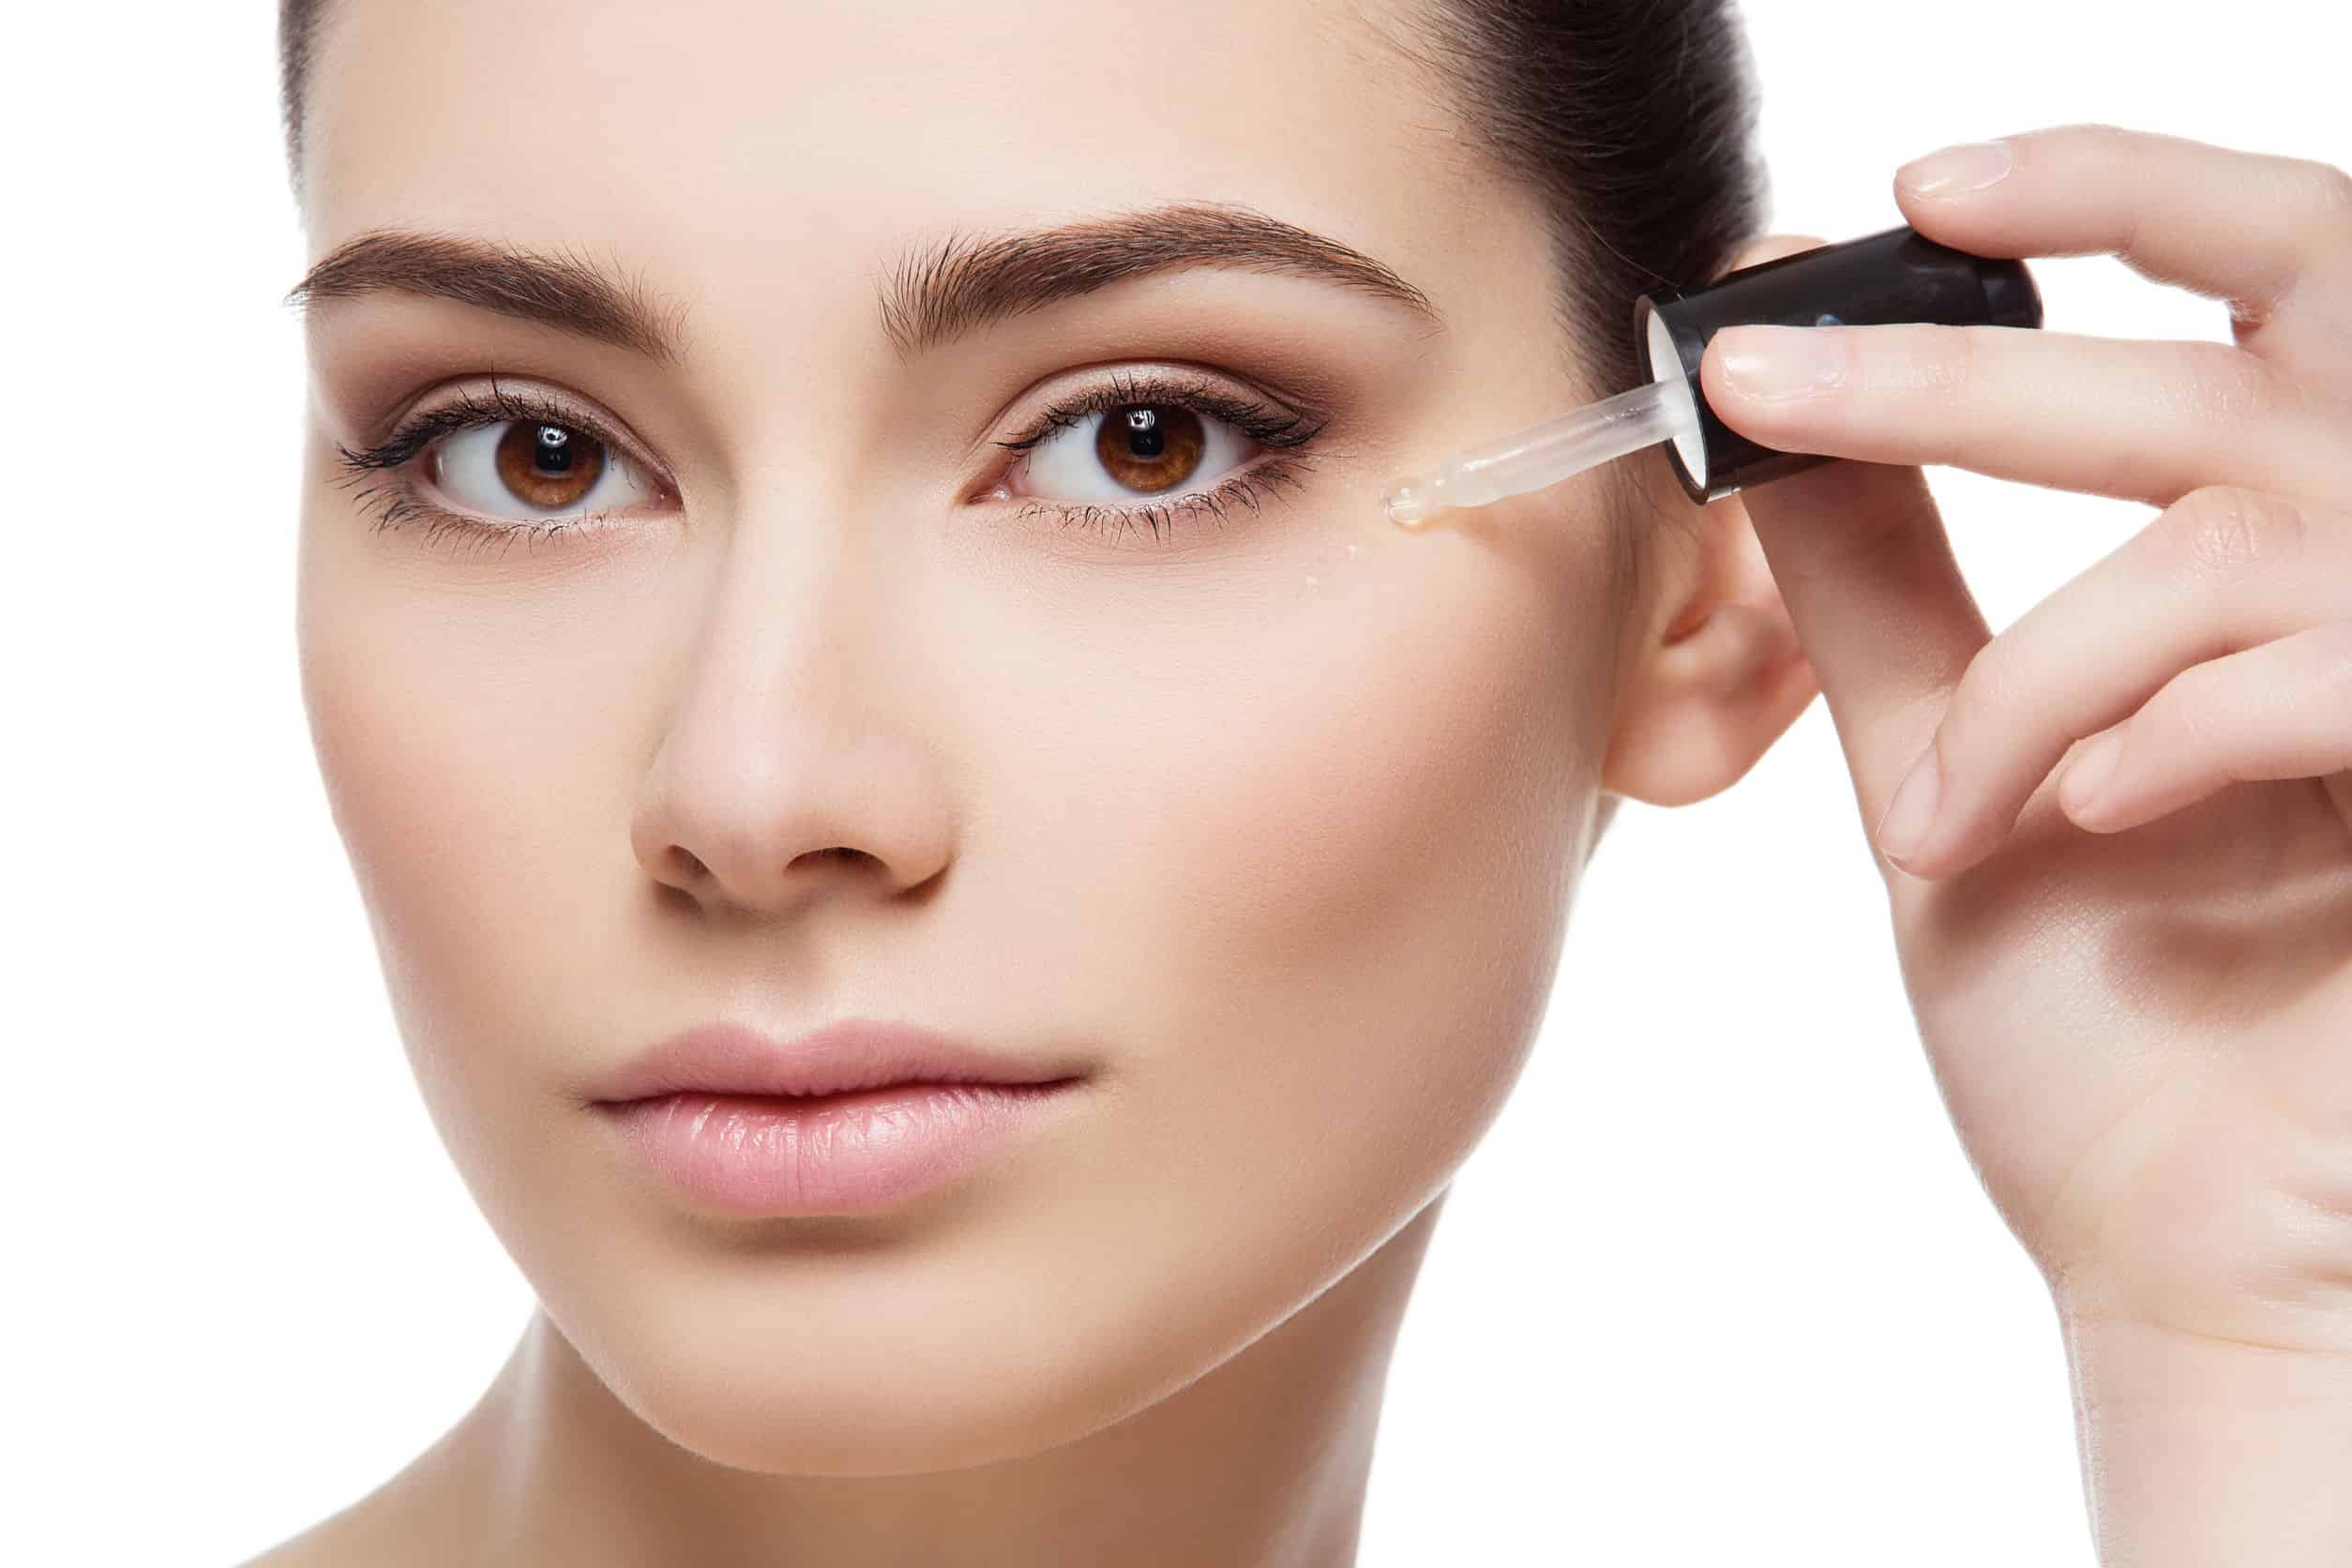 Foto do rosto de uma mulher, que está aplicando sérum facial na região acima da maçã do rosto. Ela está de cabelo preso e com a pele limpa.